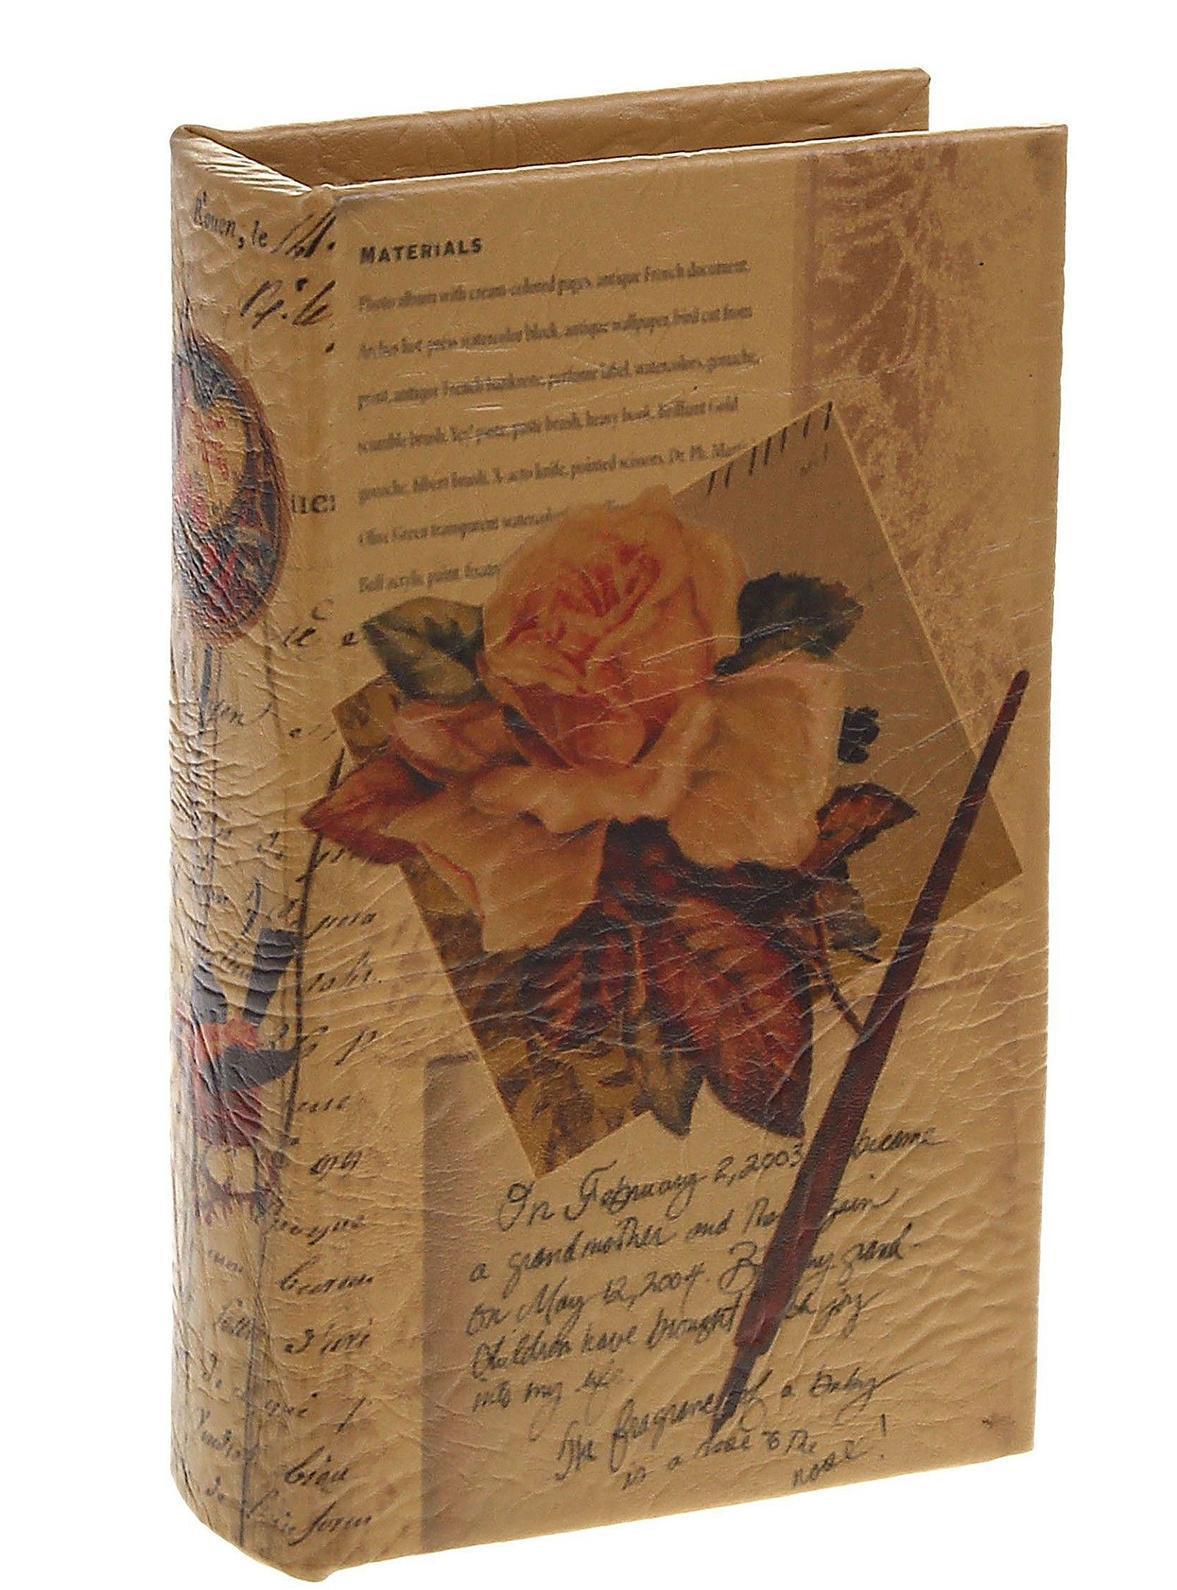 Книга-сейф Письма. 521825Брелок для ключейЭтот оригинальный сувенир выполнен в виде книги, содержащей внутри металлический сейф, надежно закрывающийся на ключ. Обложка выполнена из плотного картона и пластика. Снаружи книга-сейф обита кожей, украшенной цветочным рисунком и строчками из писем. Книга-сейф предназначена для хранения необходимых мелочей и может послужить отличным подарком для ваших друзей и близких.В комплекте два ключа для книги-сейфа. Характеристики:Материал: дерево, металл, искусственная кожа. Размер сейфа-книги: 17 см х 11 см х 5 см. Внутренний размер сейфа-книги: 13,5 см х 7,5 см х 4 см. Количество ключей от сейфа-книги: 2. Размер упаковки: 18 см х 12 см х 6 см. Цвет: светло-коричневый. Артикул: 521825.